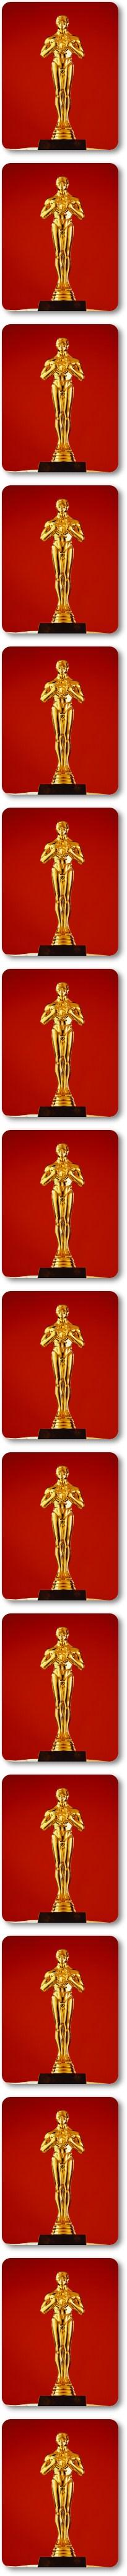 cats12 Öteki Sinema Okurları Oscarları Seçiyor! Oscar Ödül aday